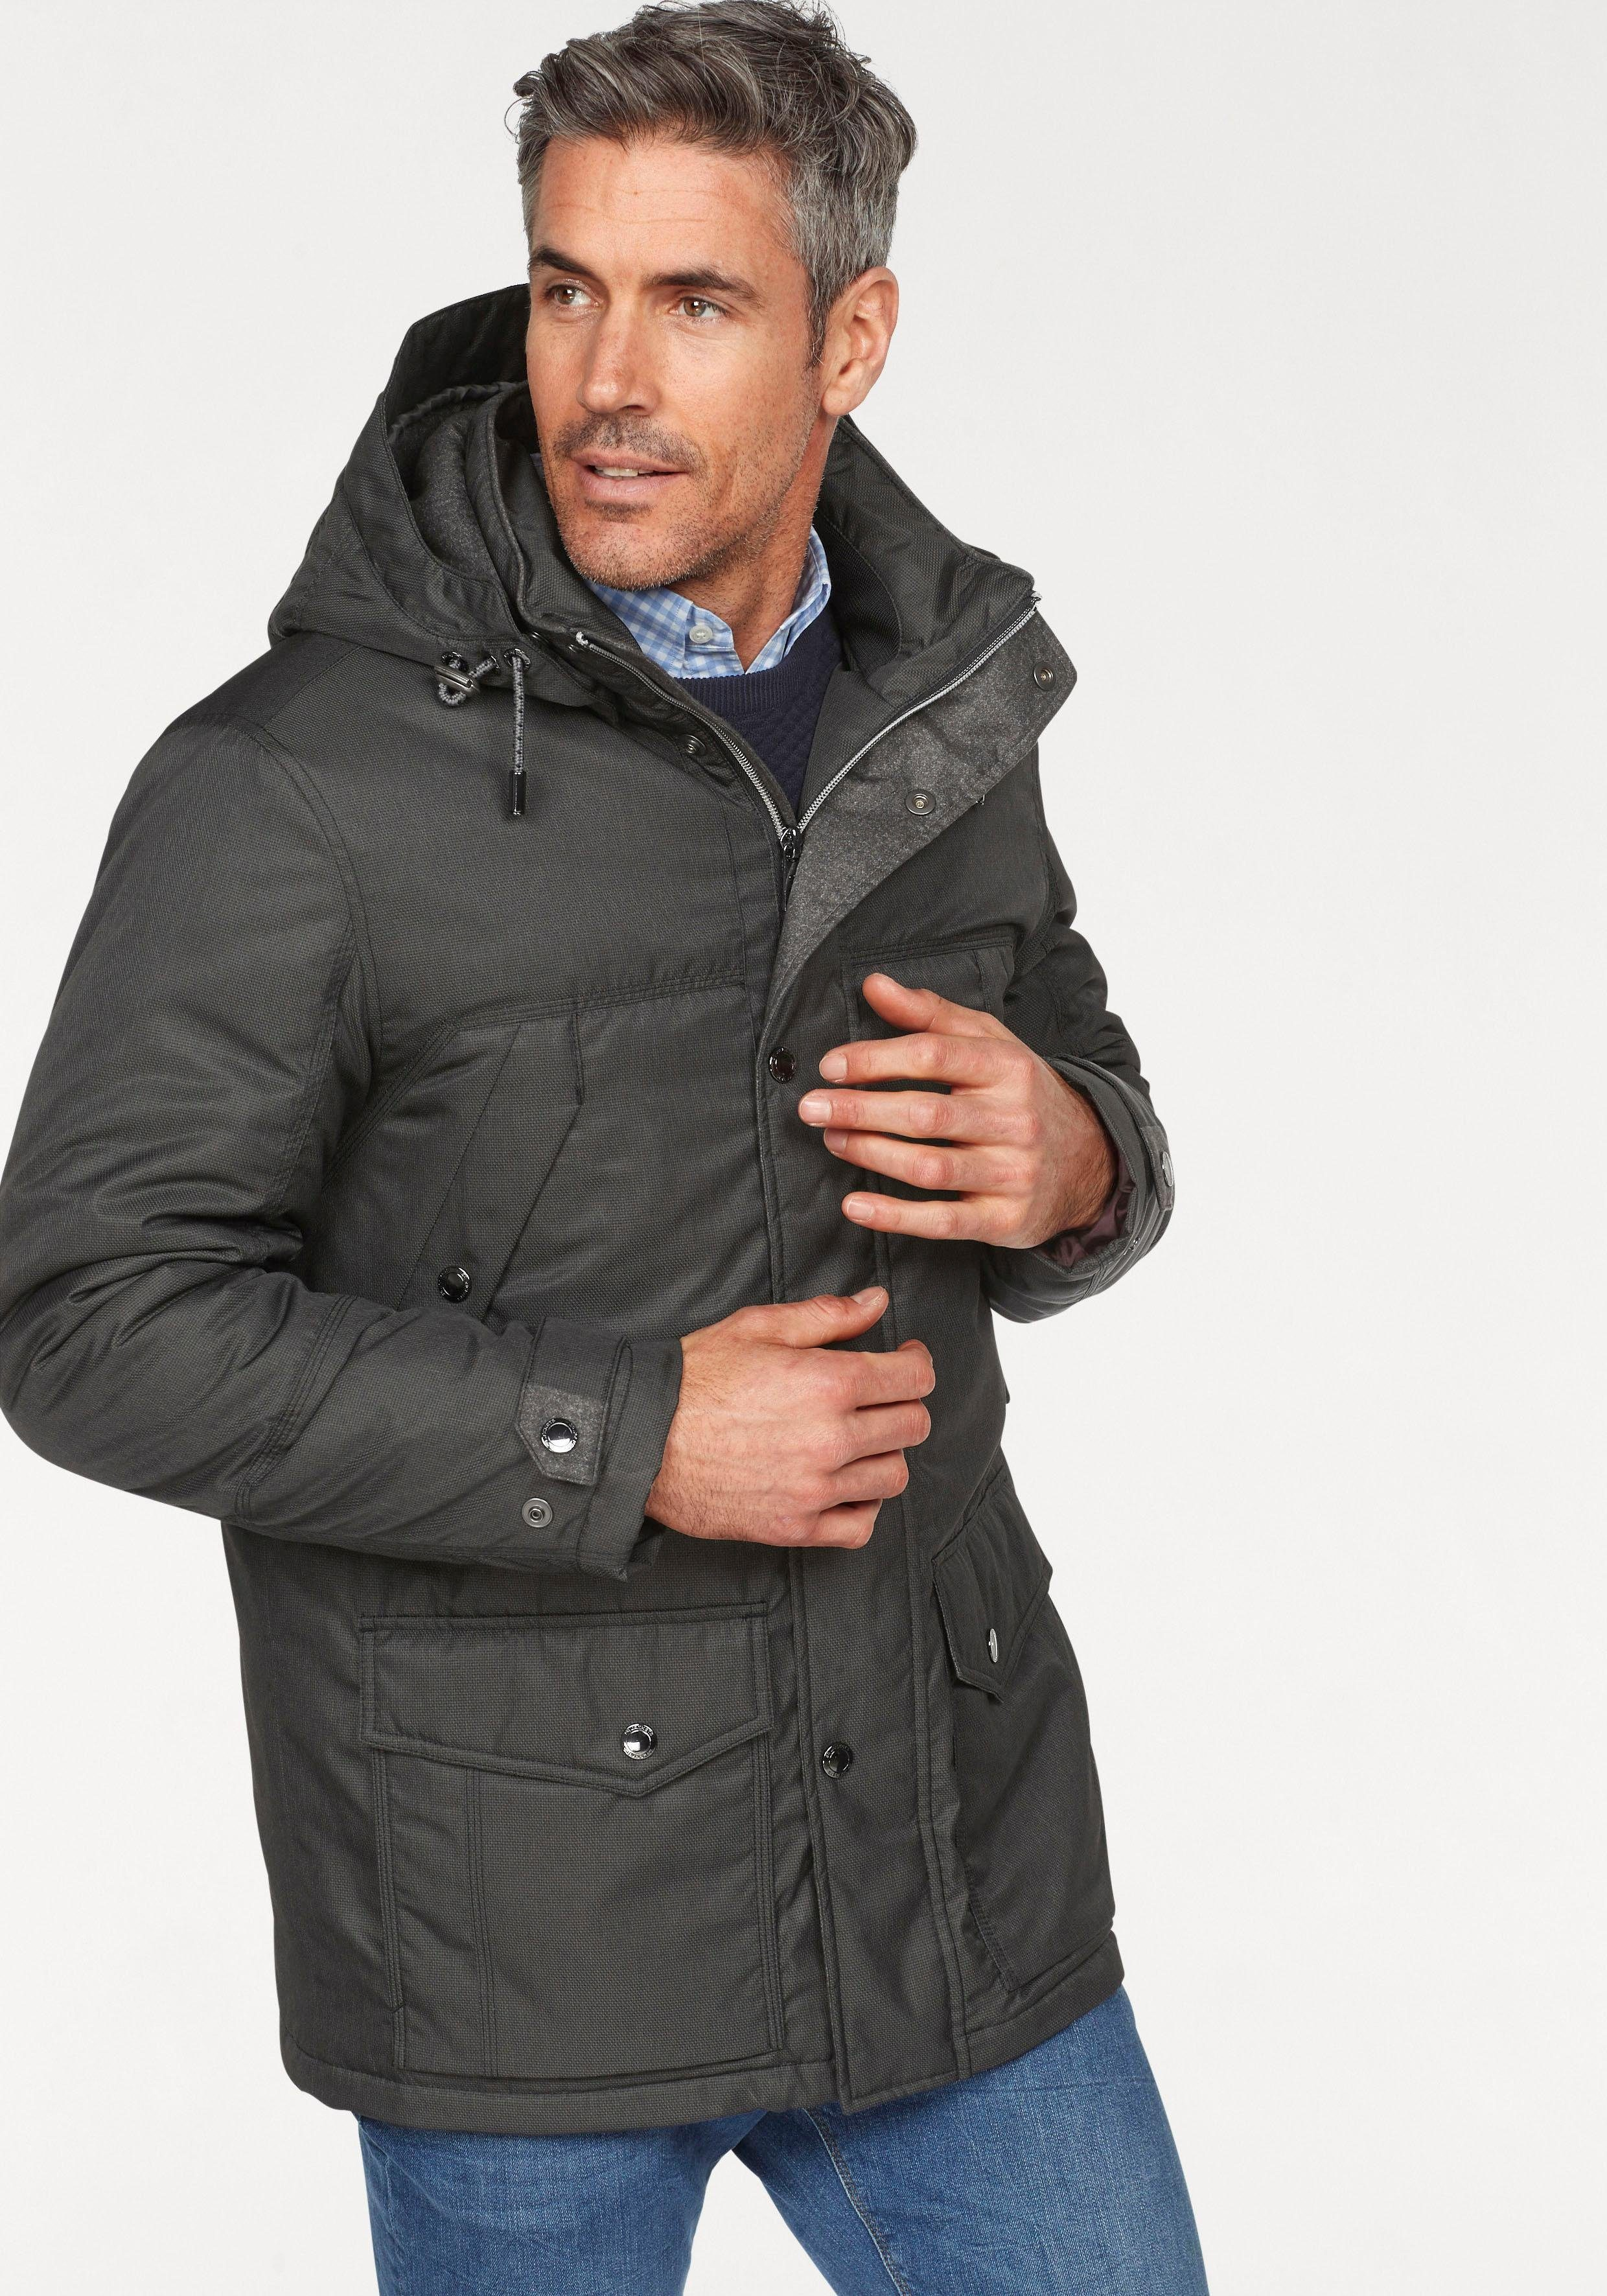 S4 Jackets Funktionsjacke wasser- und winddicht, atmungsaktiv